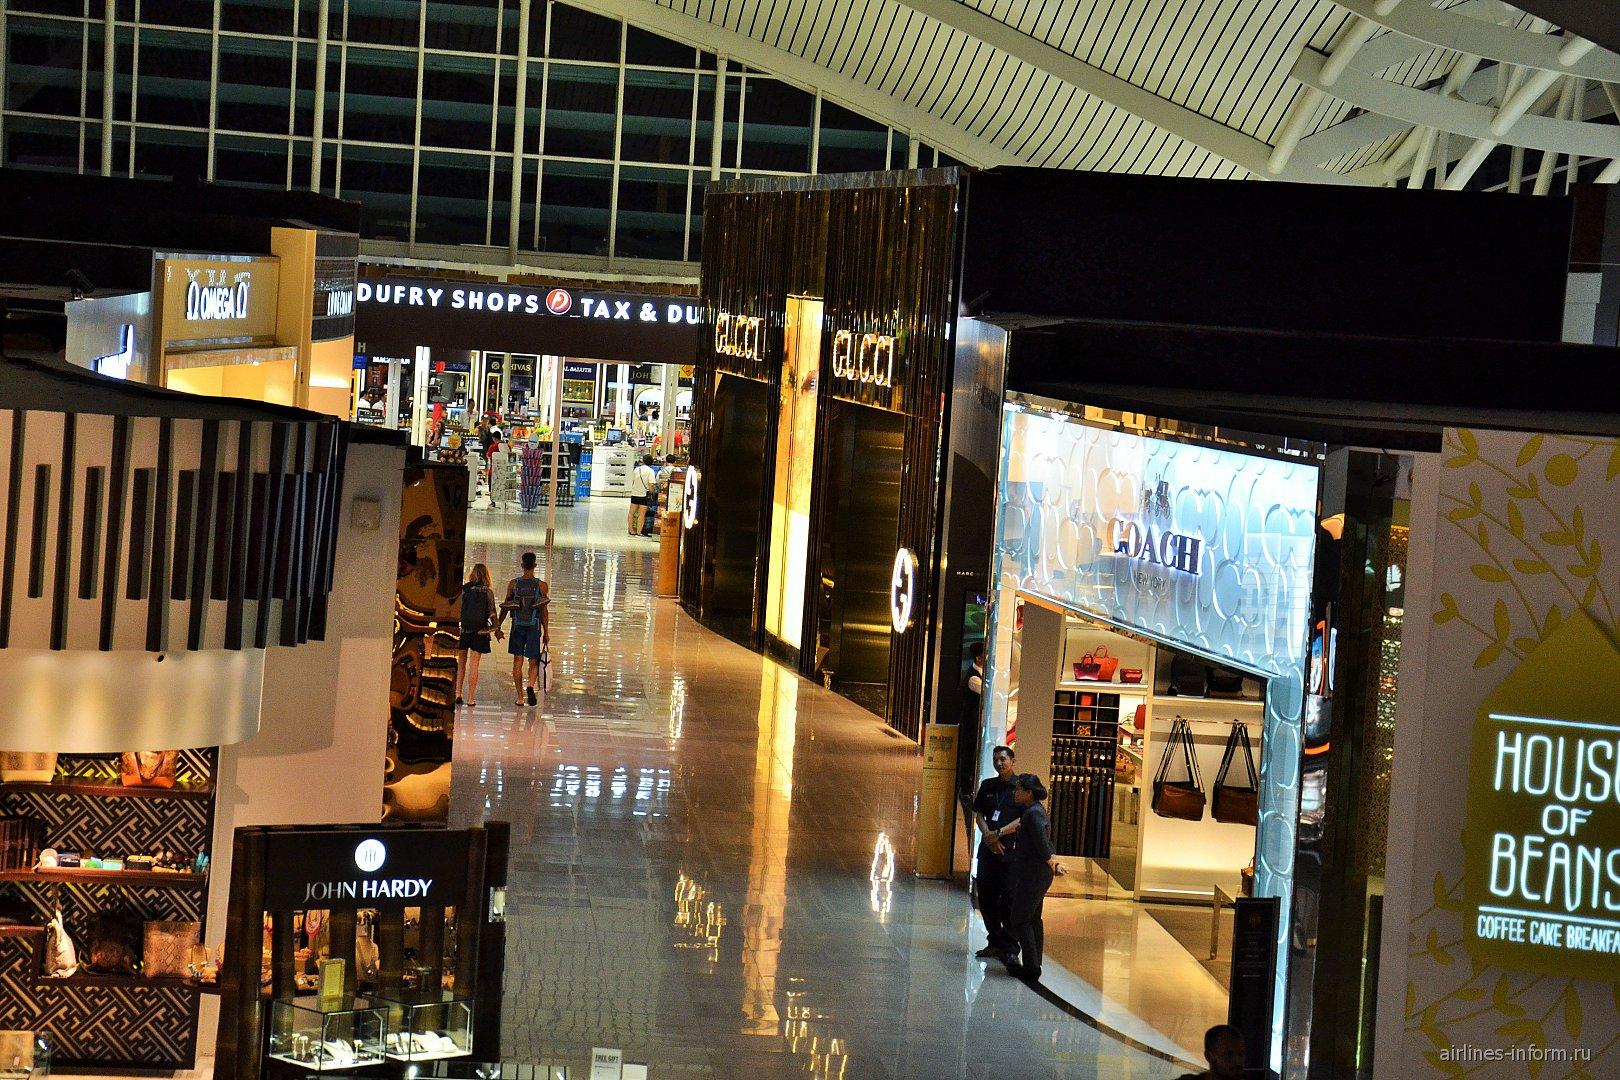 Галерея магазинов Дьюти-Фри в аэропорту Денпасар Нгура Рай